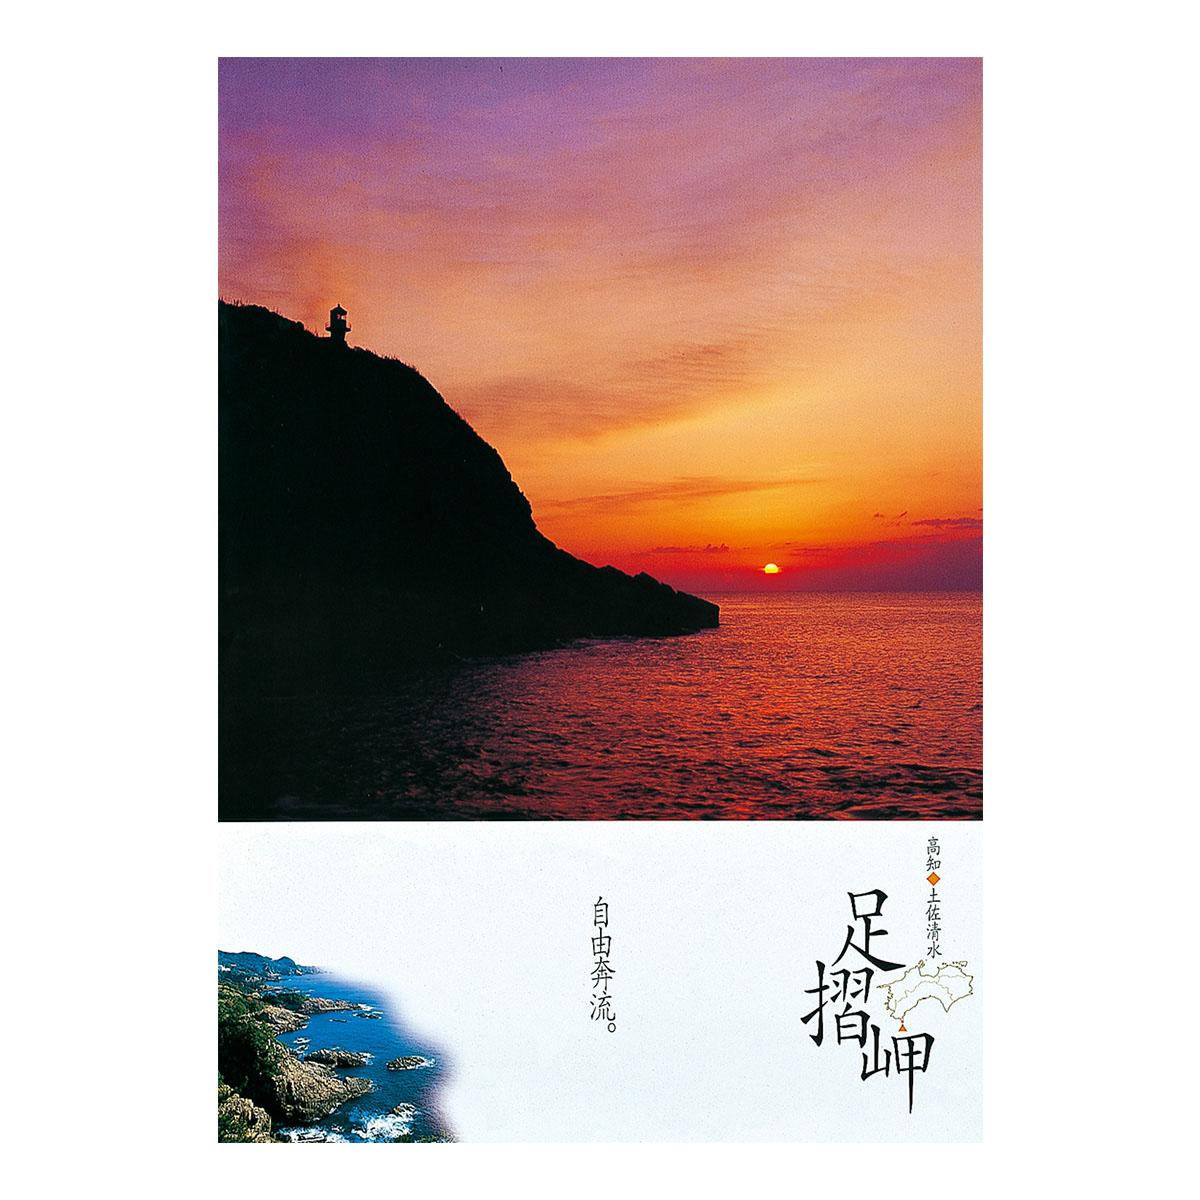 高知県 観光ポスター